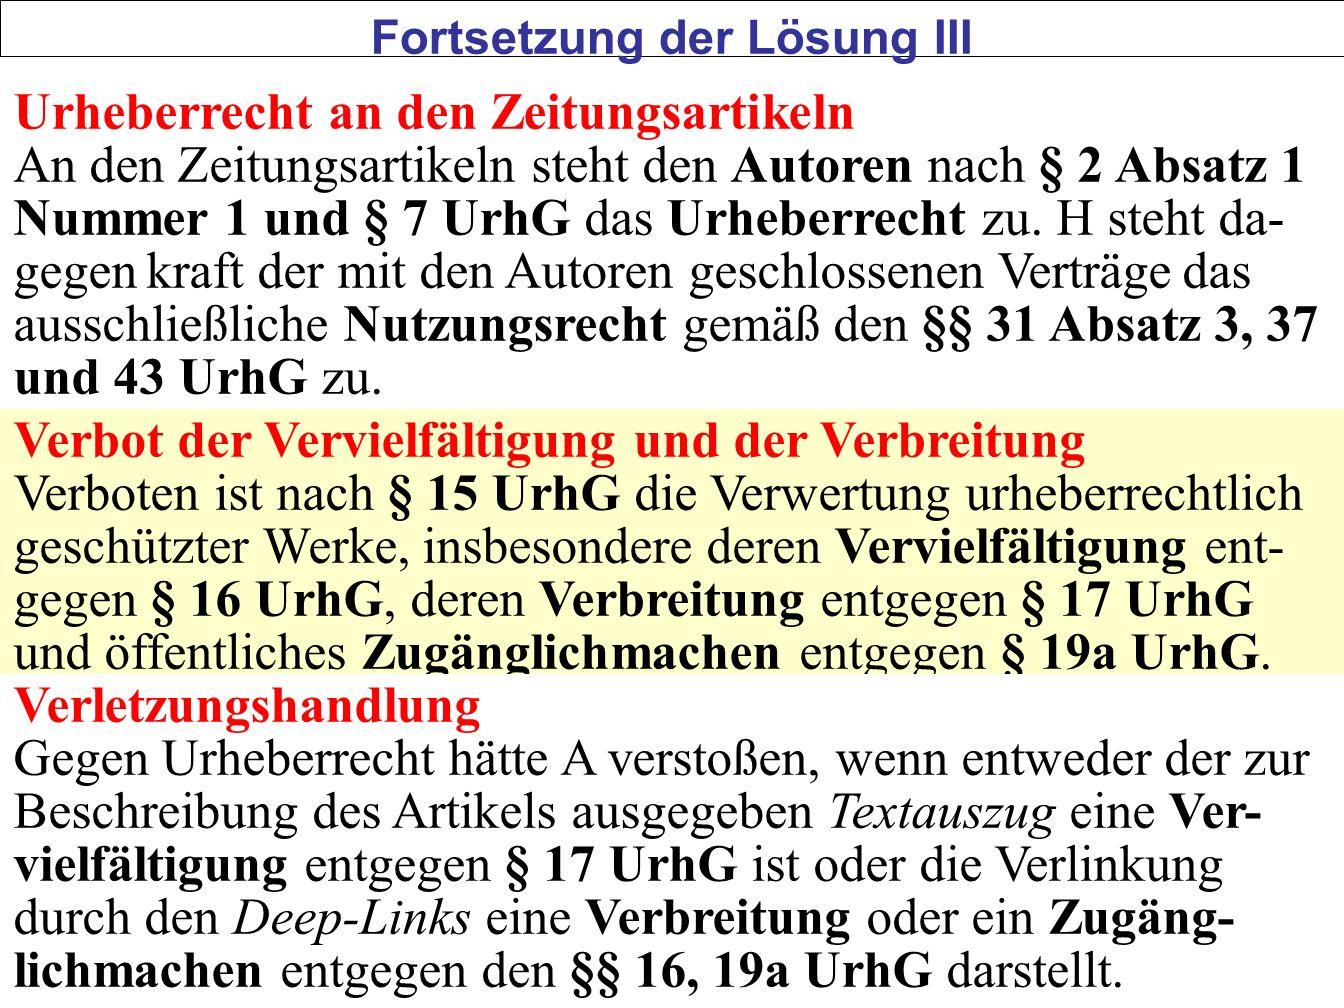 50 Urheberrecht an den Zeitungsartikeln An den Zeitungsartikeln steht den Autoren nach § 2 Absatz 1 Nummer 1 und § 7 UrhG das Urheberrecht zu. H steht